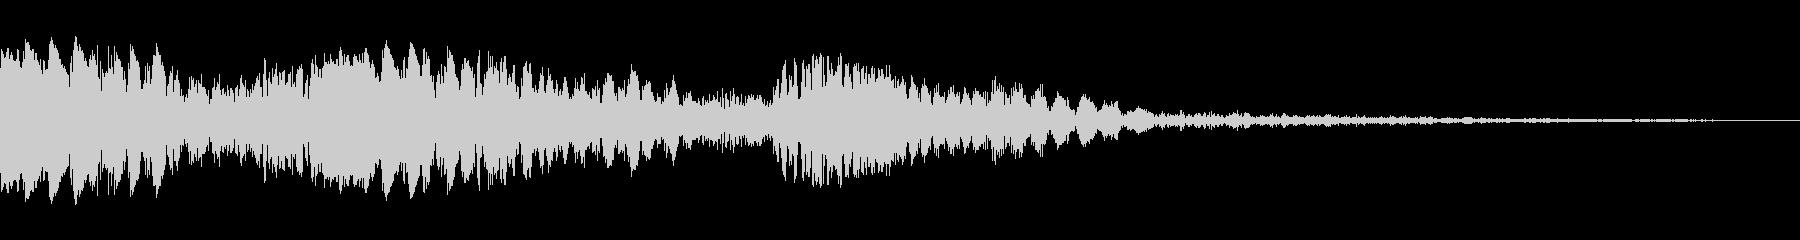 レーザーチャープ、マルチの未再生の波形